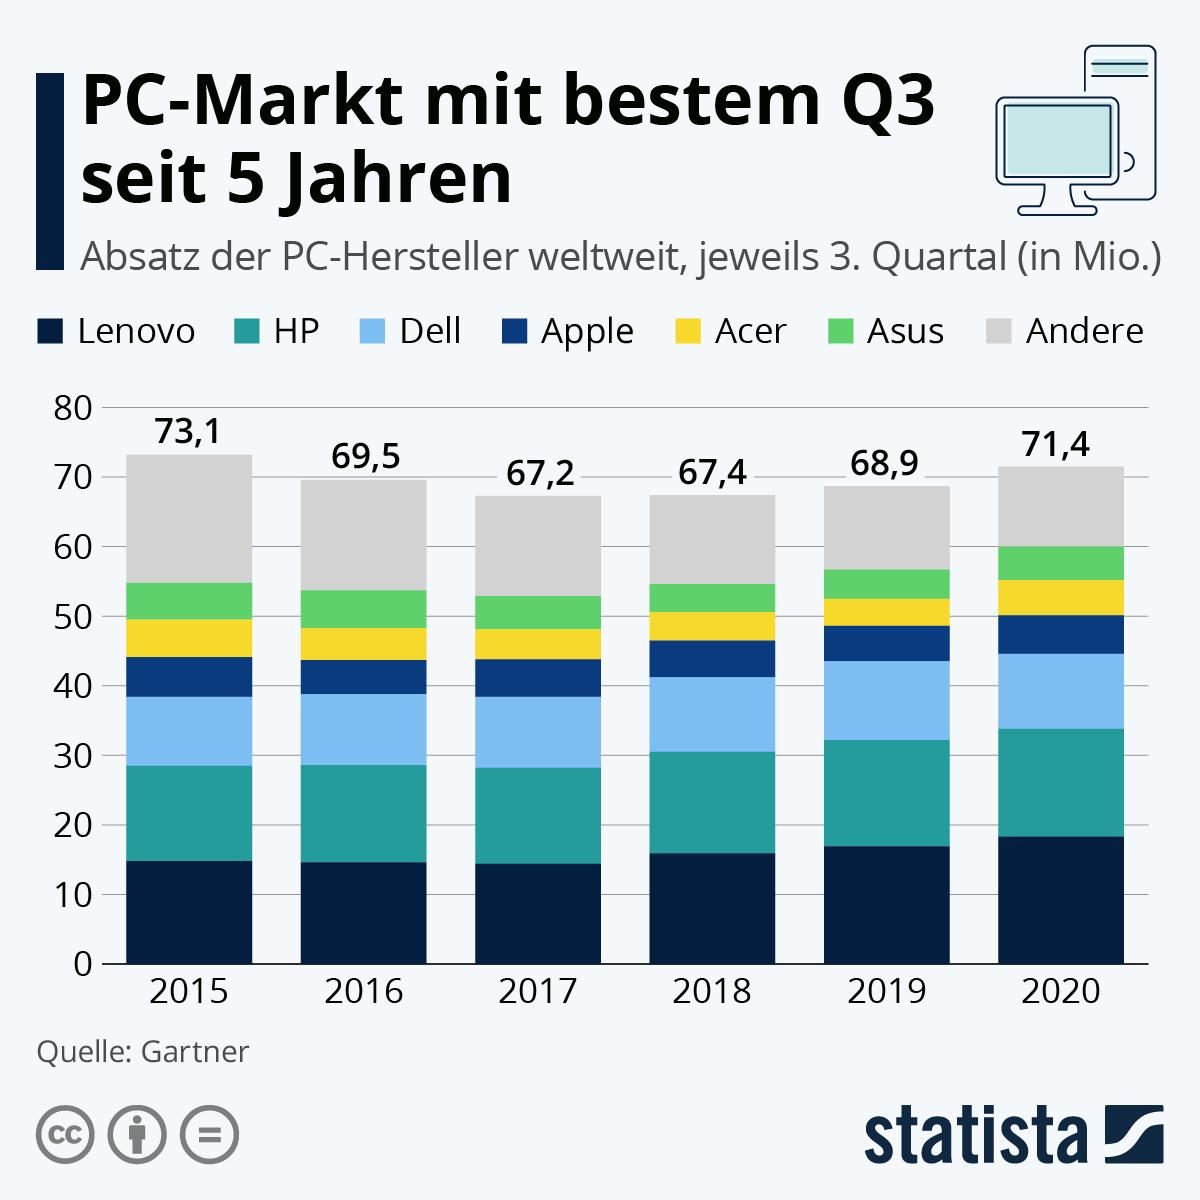 Infografik: PC-Markt mit bestem Q3 seit 5 Jahren | Statista